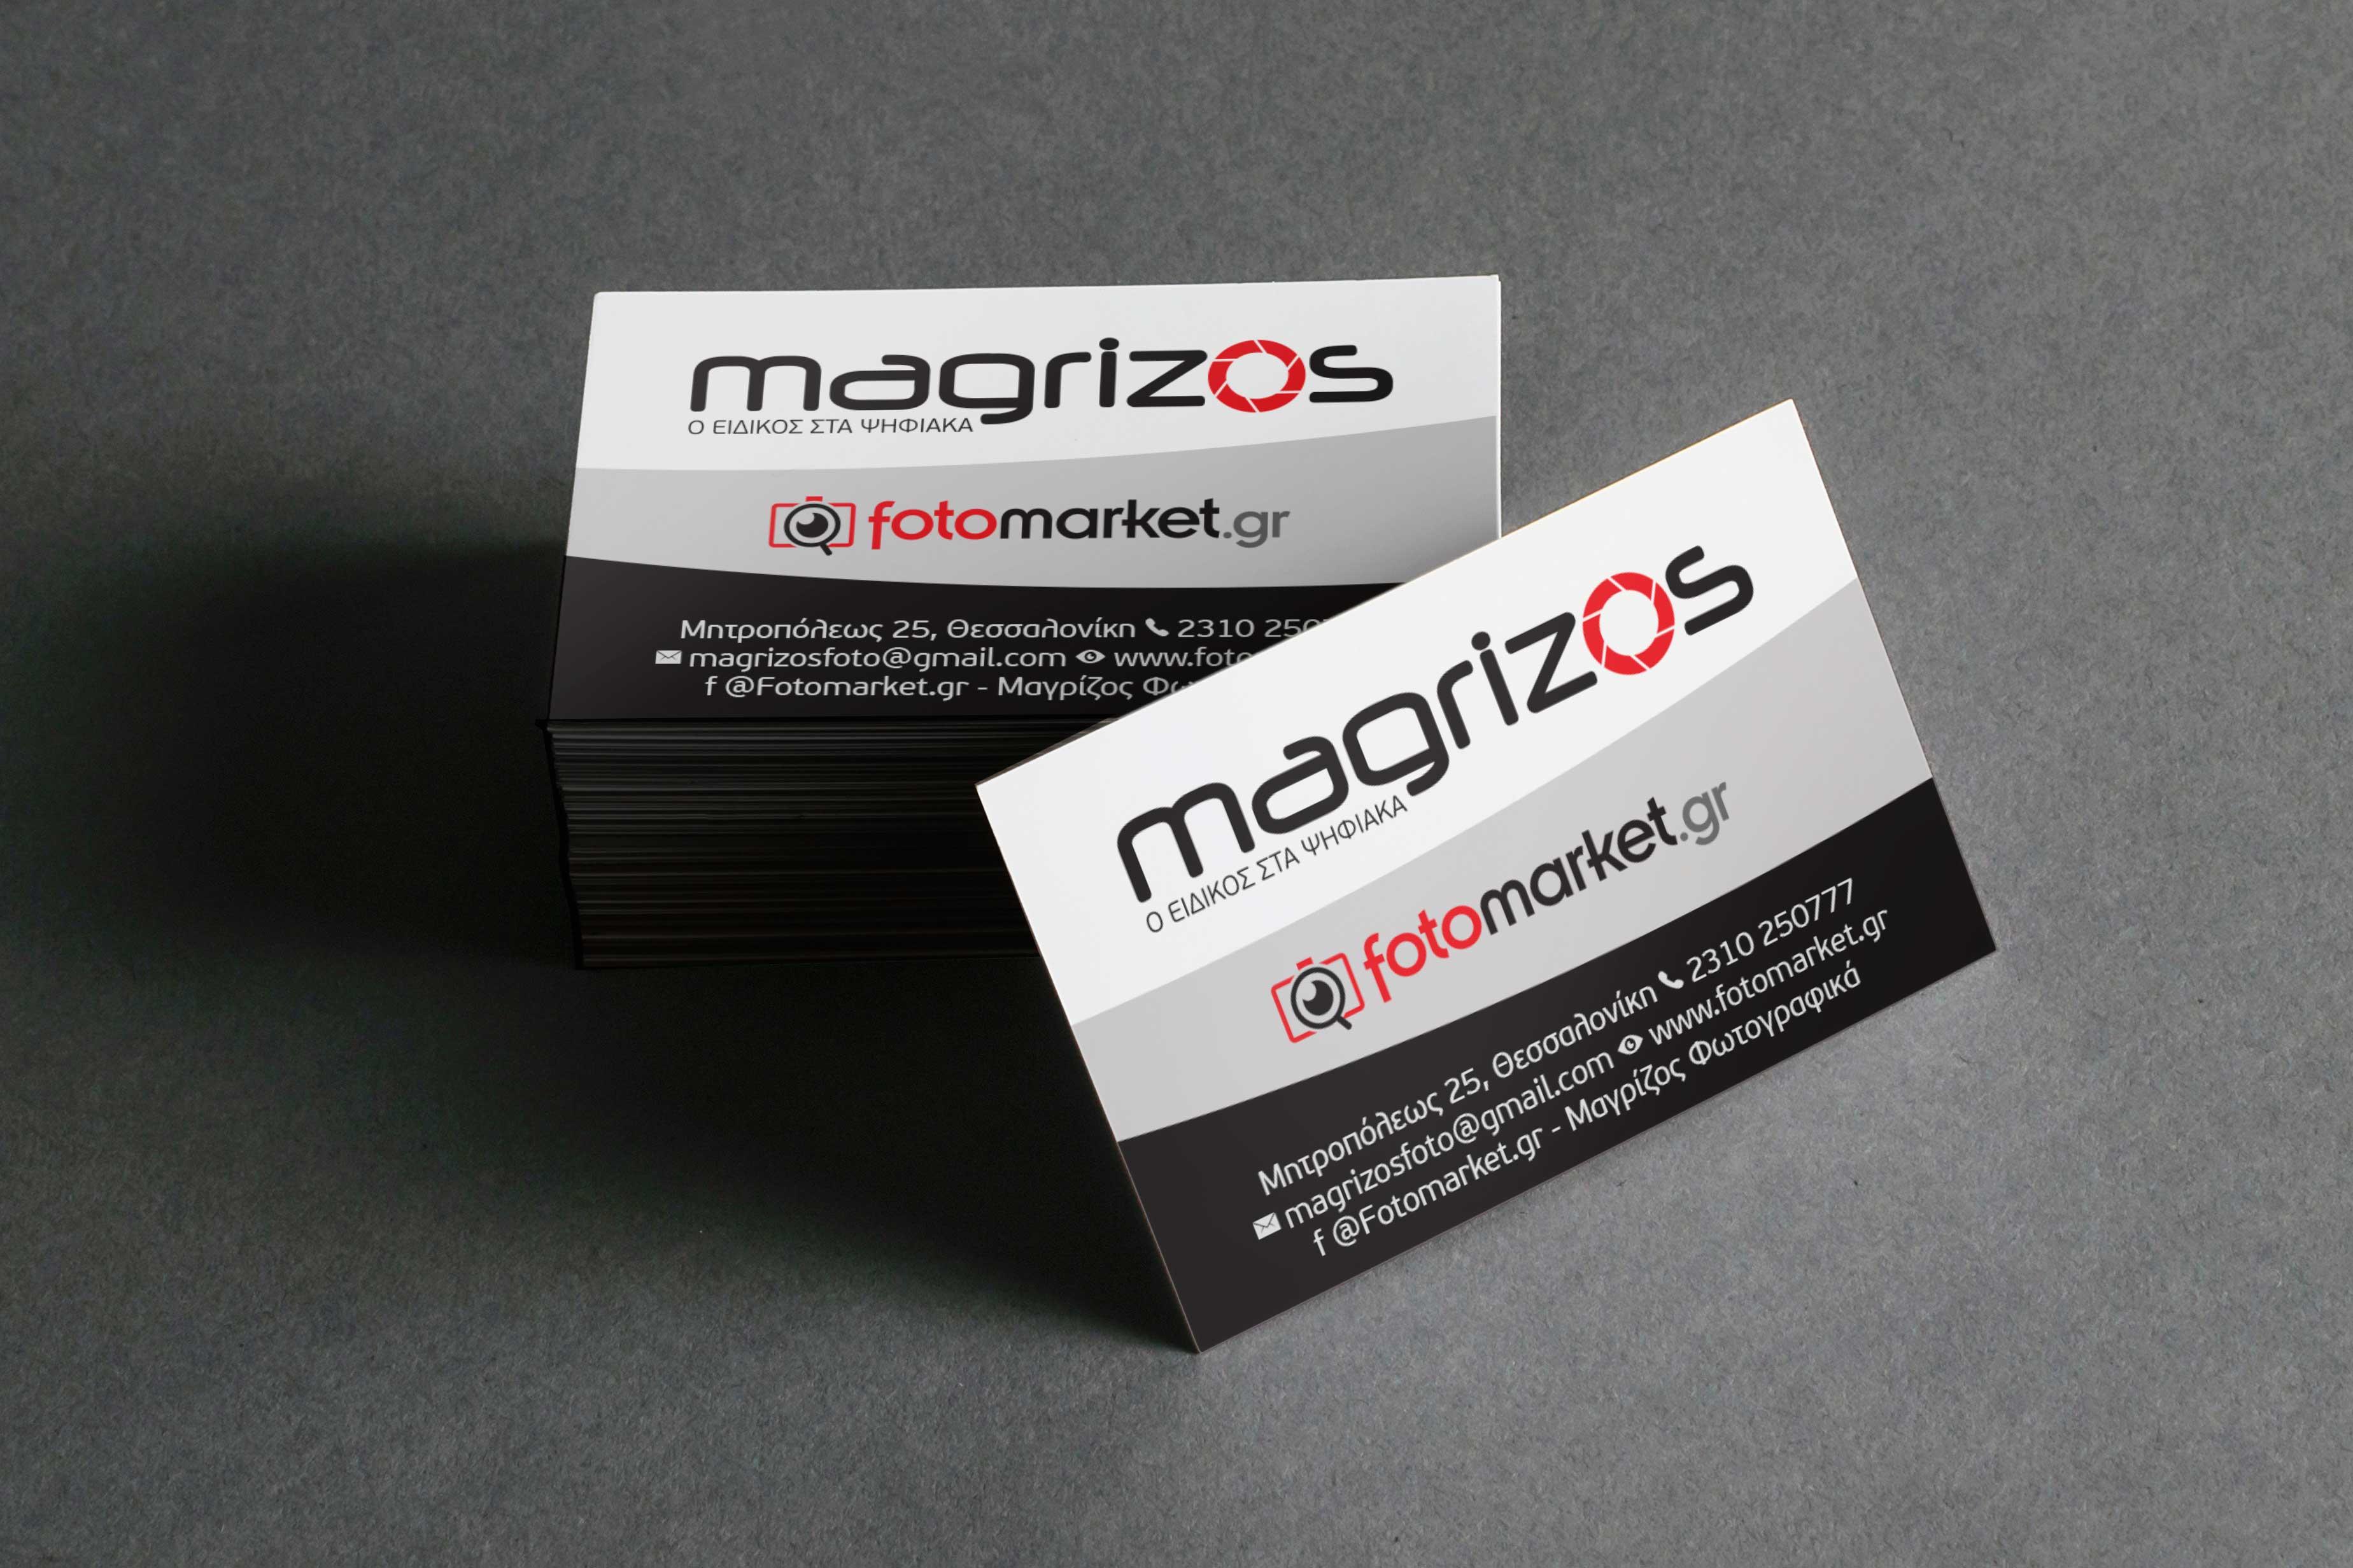 fotomagrizos-card